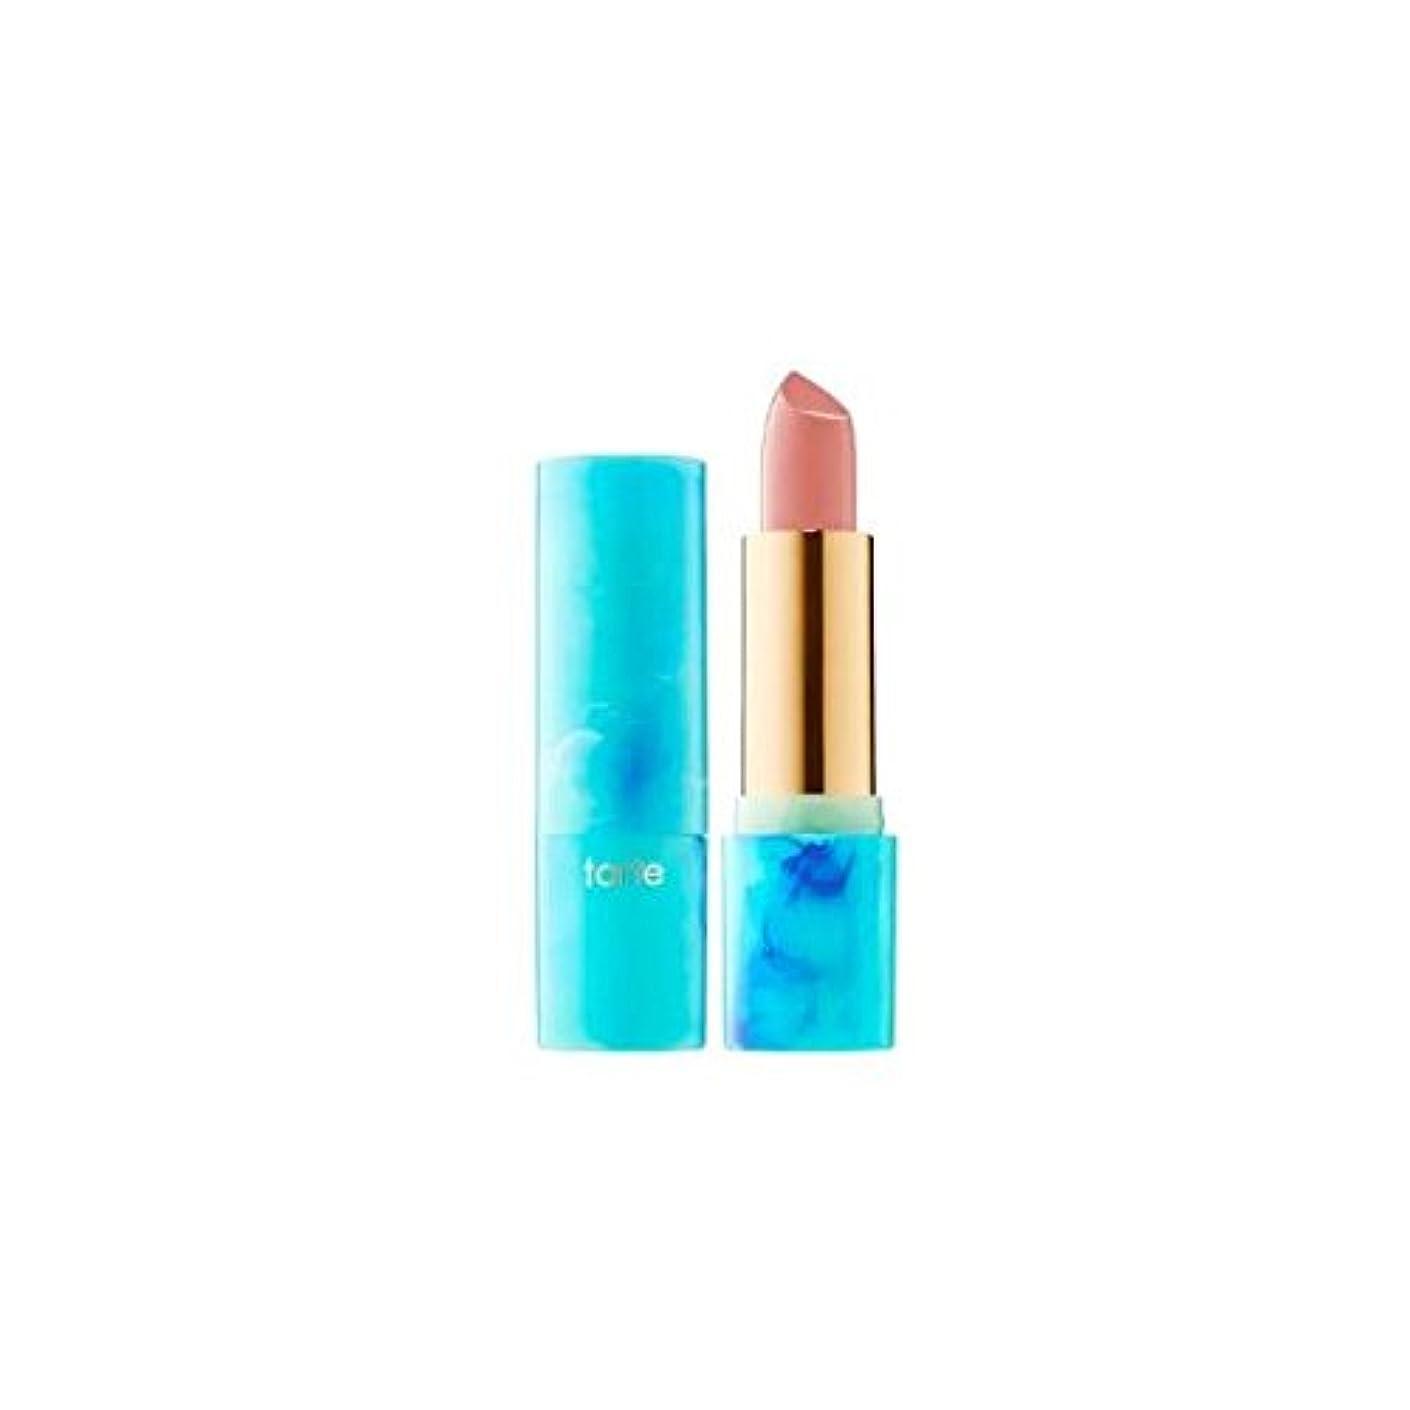 落とし穴飾り羽繁殖tarteタルト リップ Color Splash Lipstick - Rainforest of the Sea Collection Satin finish